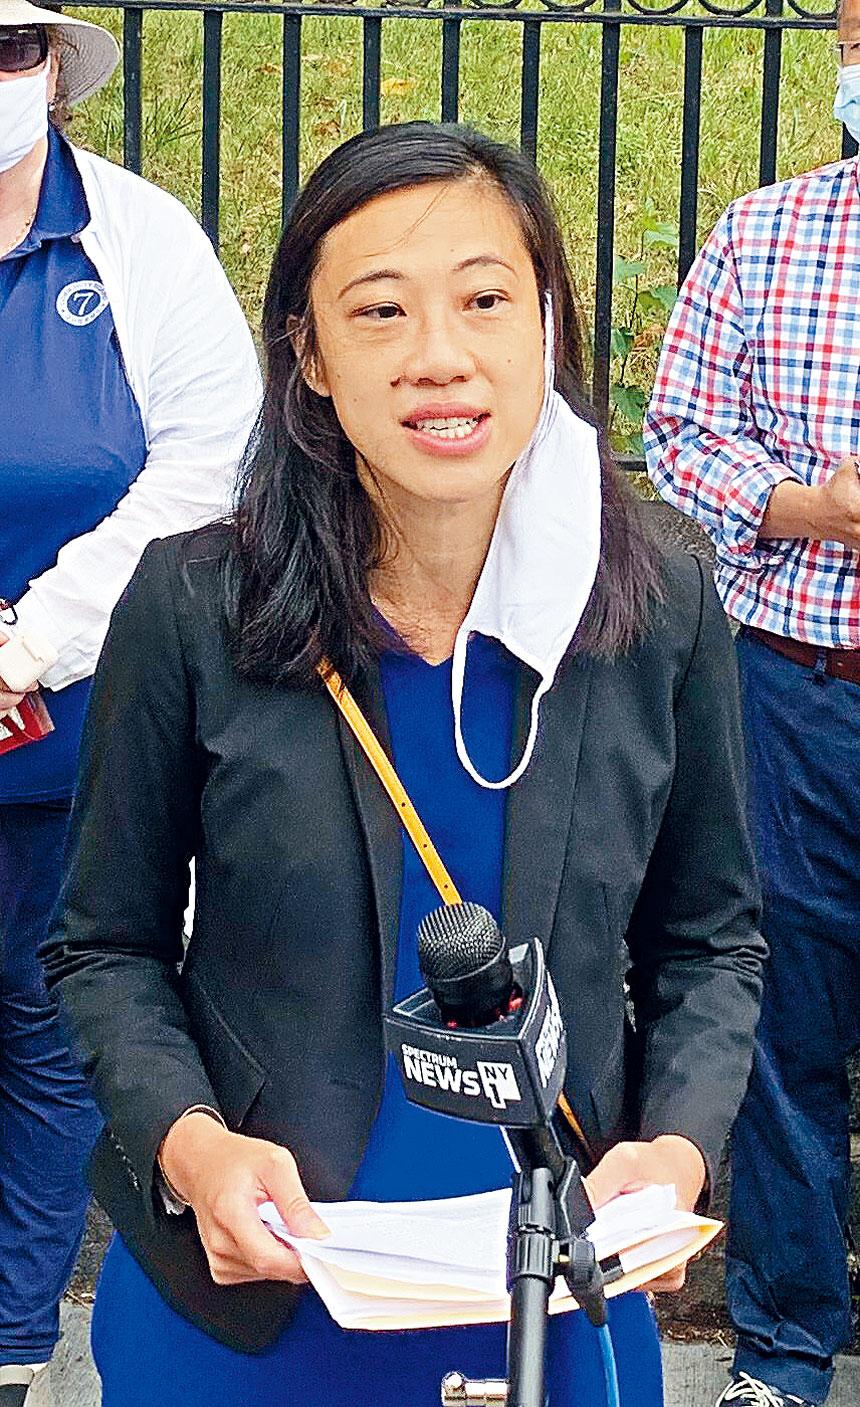 法拉盛20選區市議員選戰最激烈,黃敏儀將與多位華裔和不同族裔競爭民主黨提名。